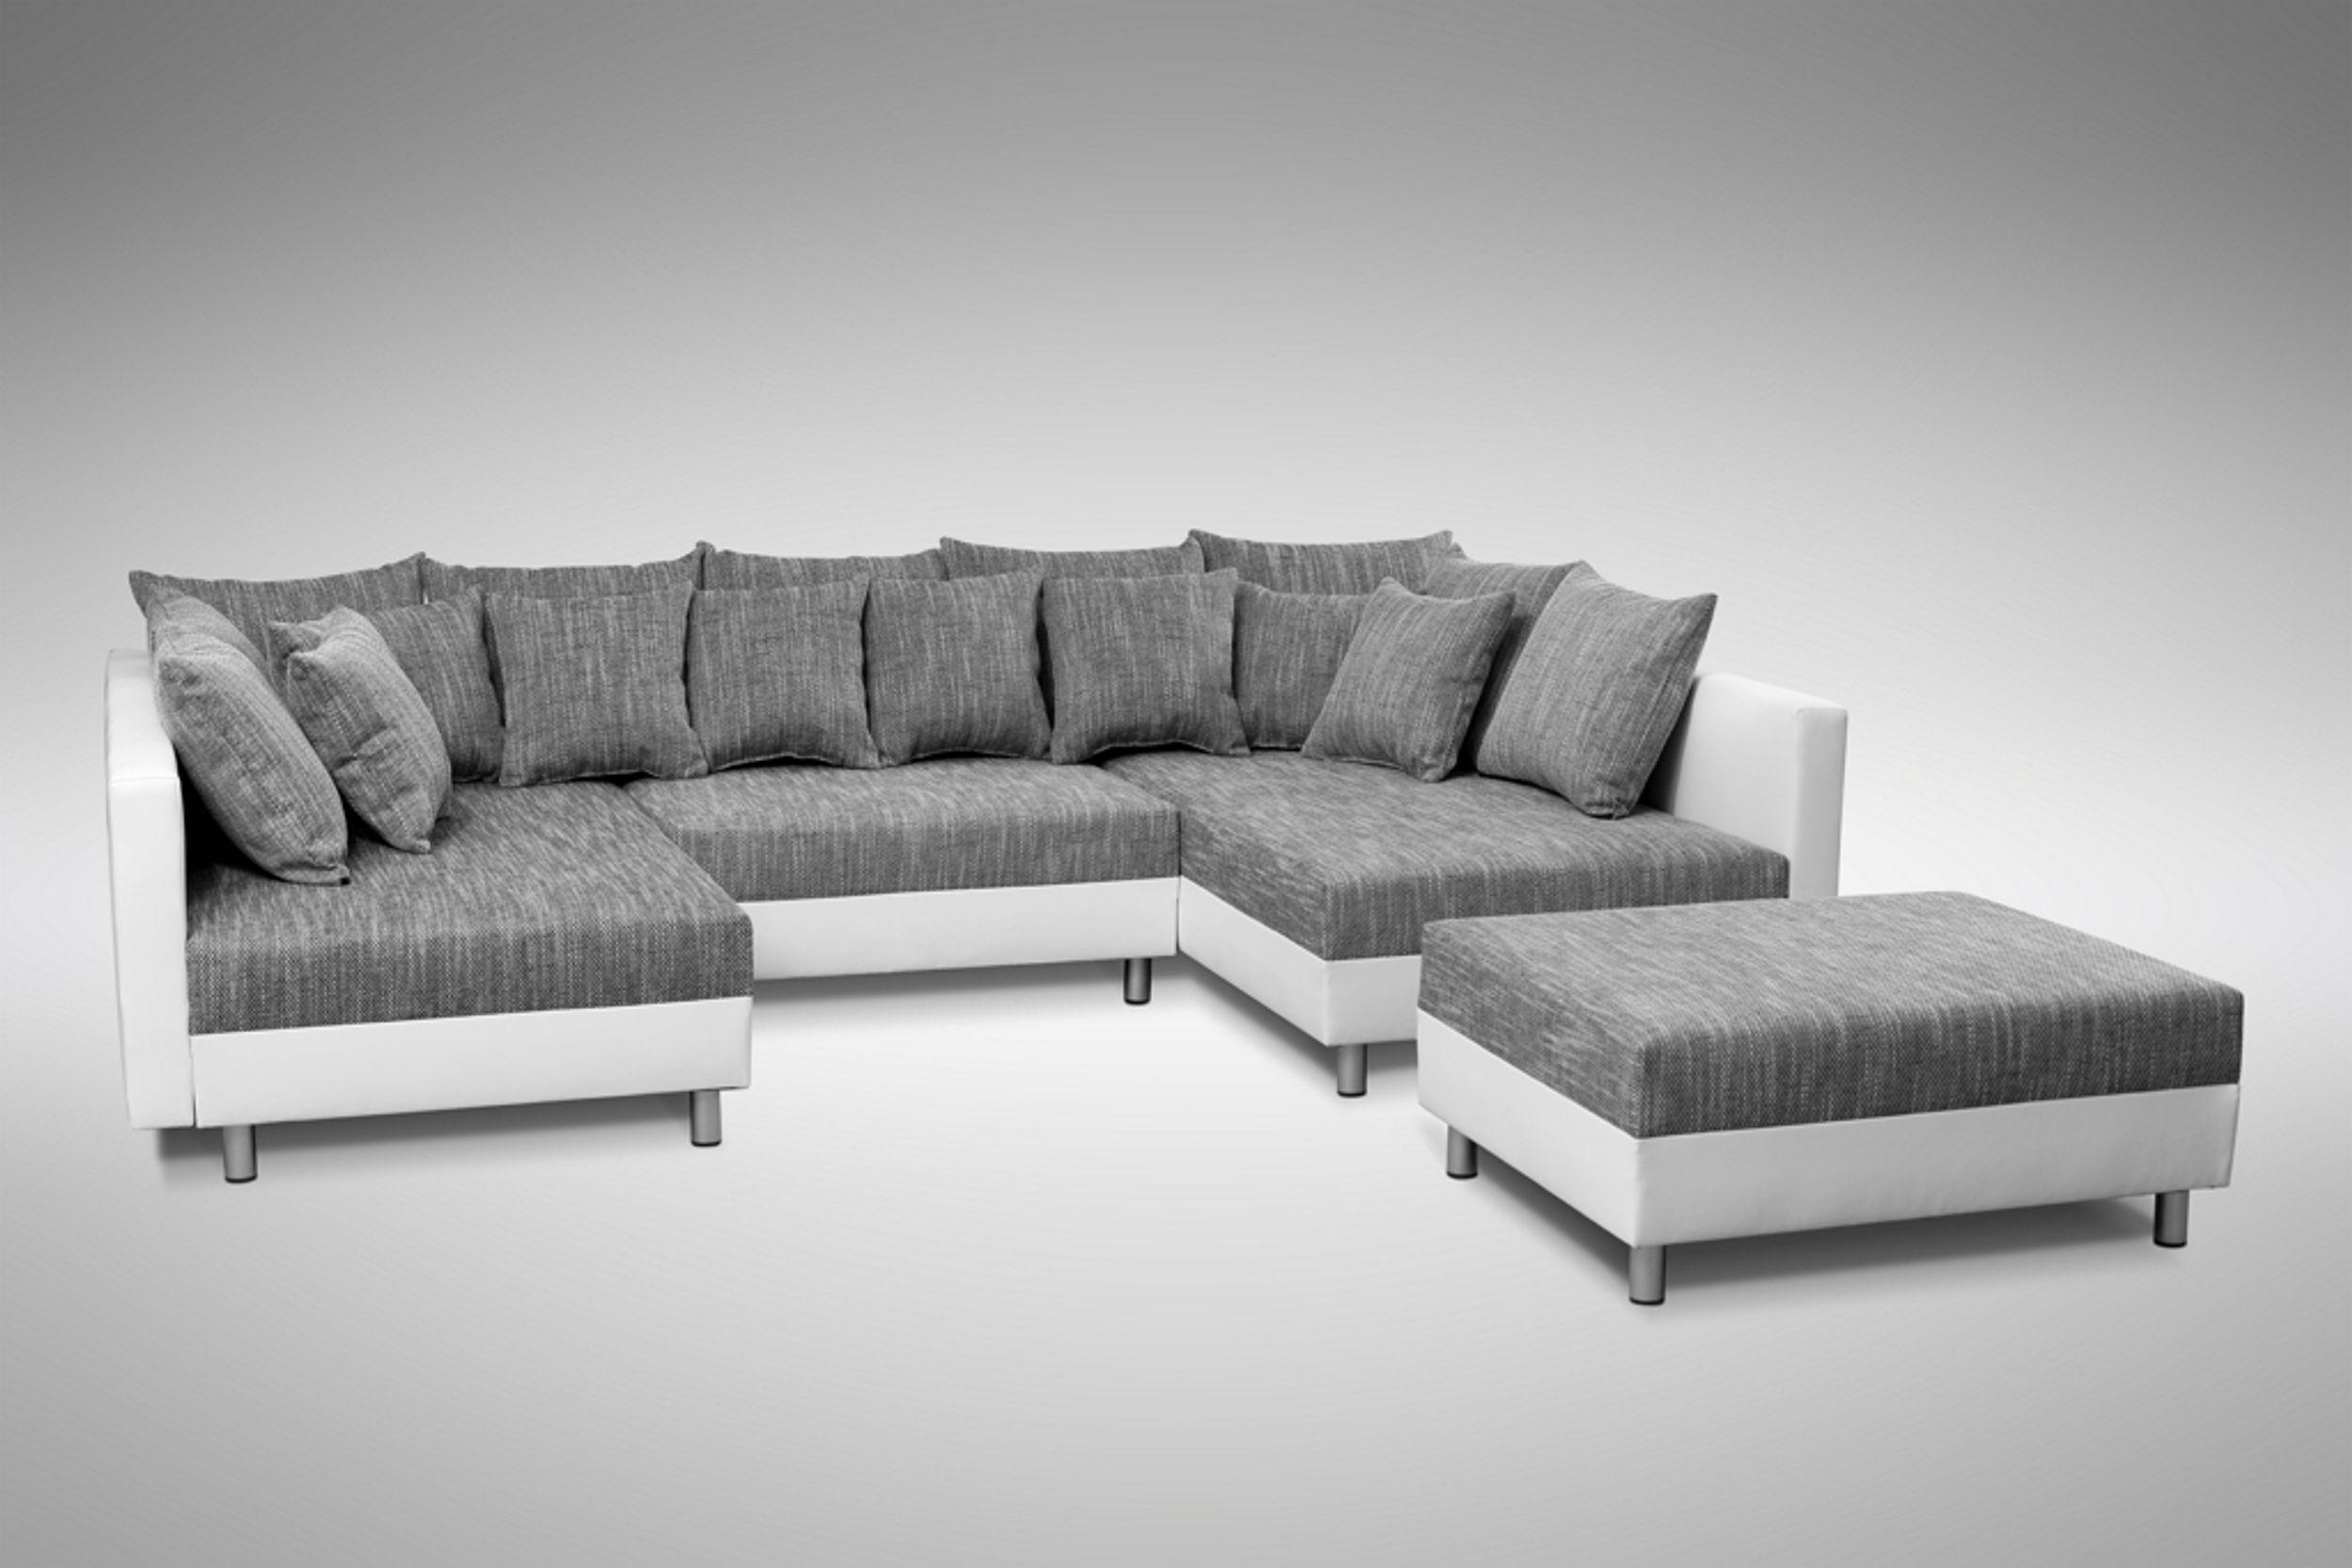 Sofa Couch Ecksofa Eckcouch in weiss / hellgrau Eckcouch mit Hocker - Minsk XXL – Bild 5